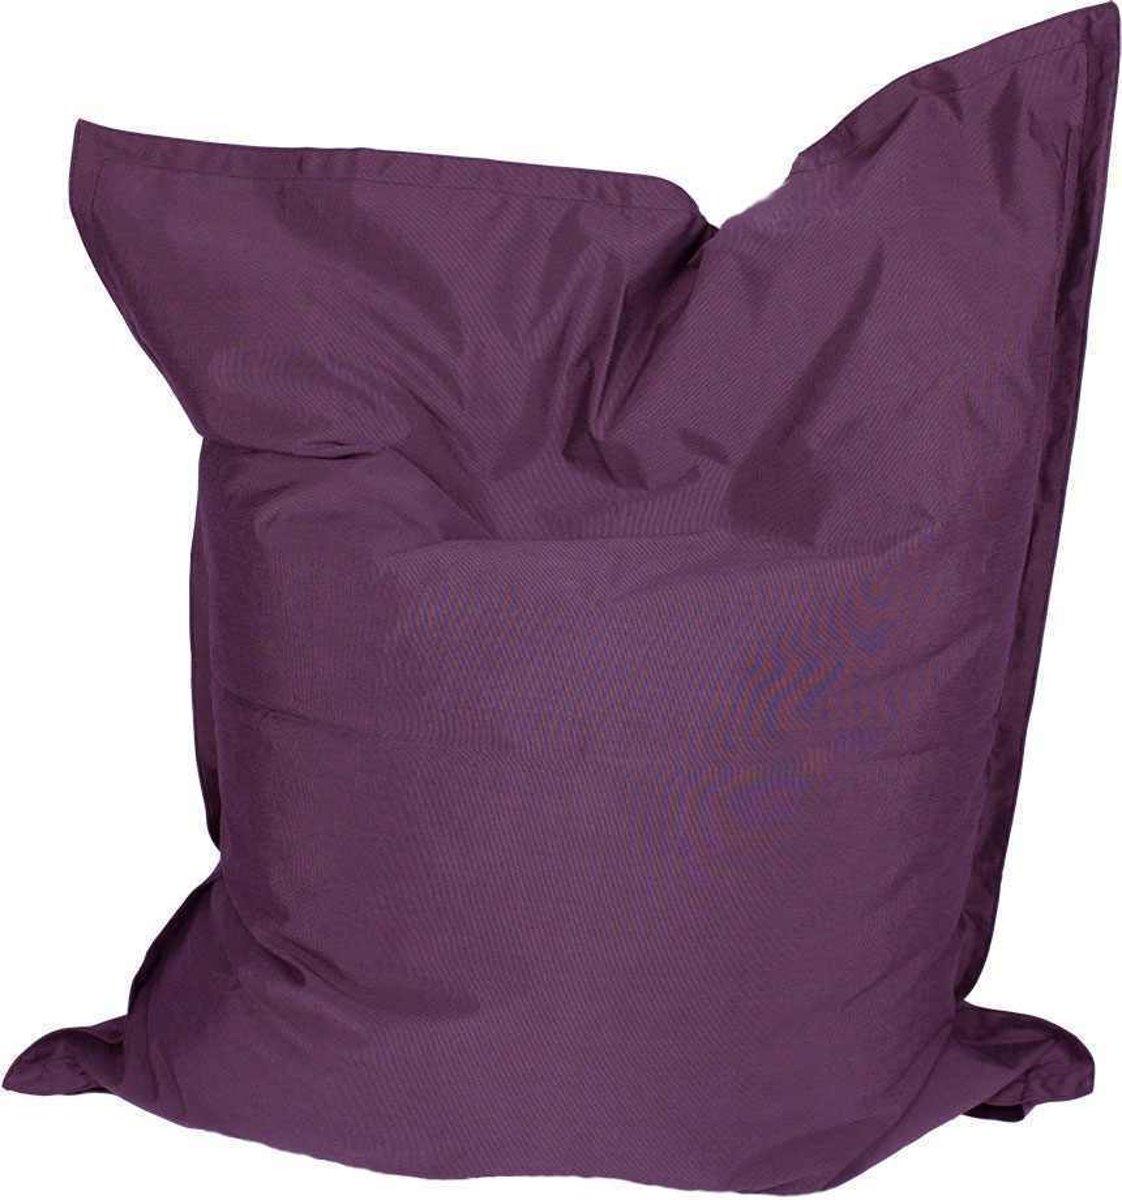 Zitzak Outdoor Cartenza Purple 060 Maat S kopen